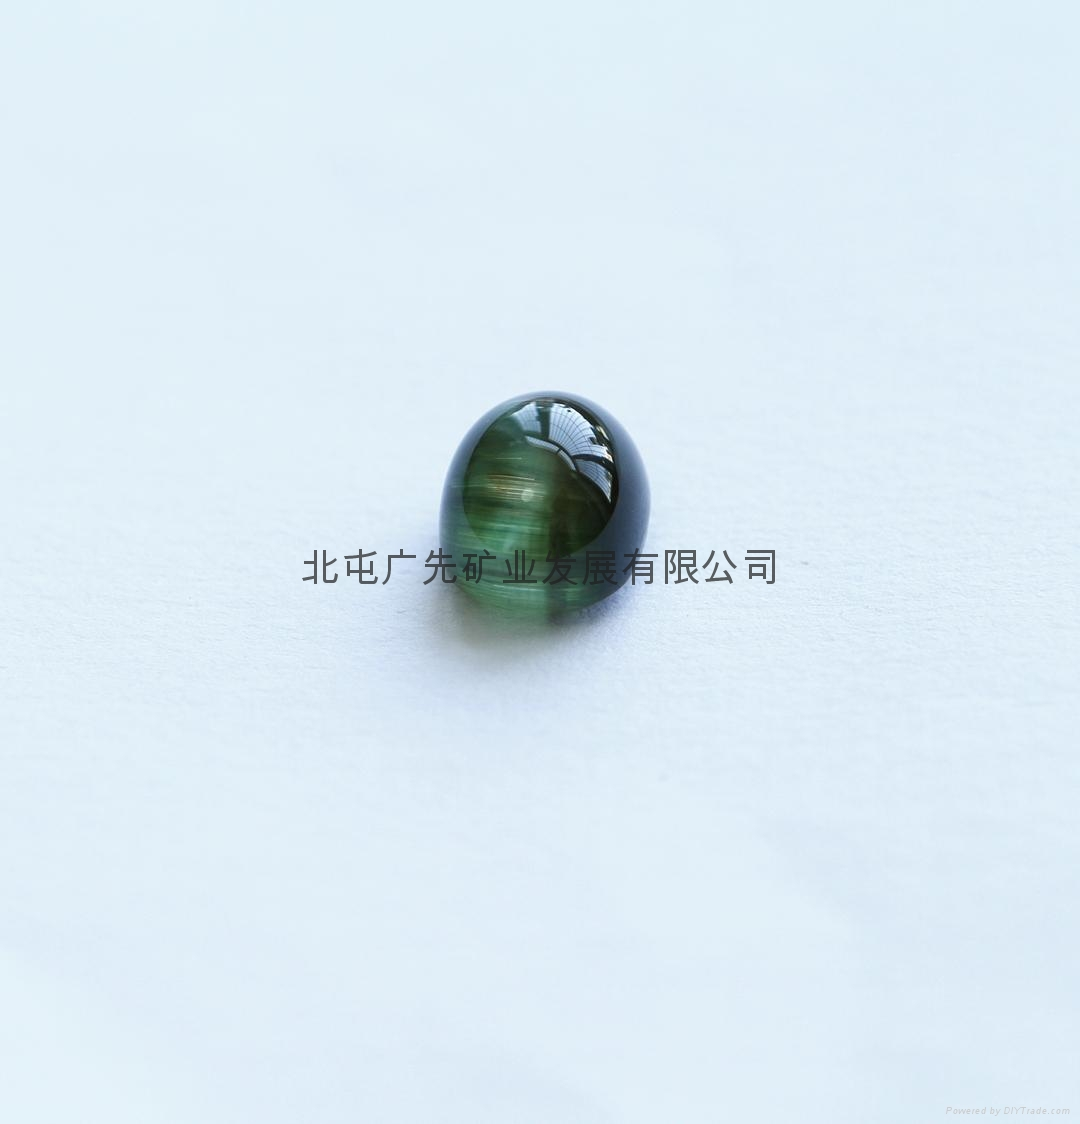 新疆阿勒泰产绿猫眼碧玺裸石(椭圆形)七夕优惠款 1